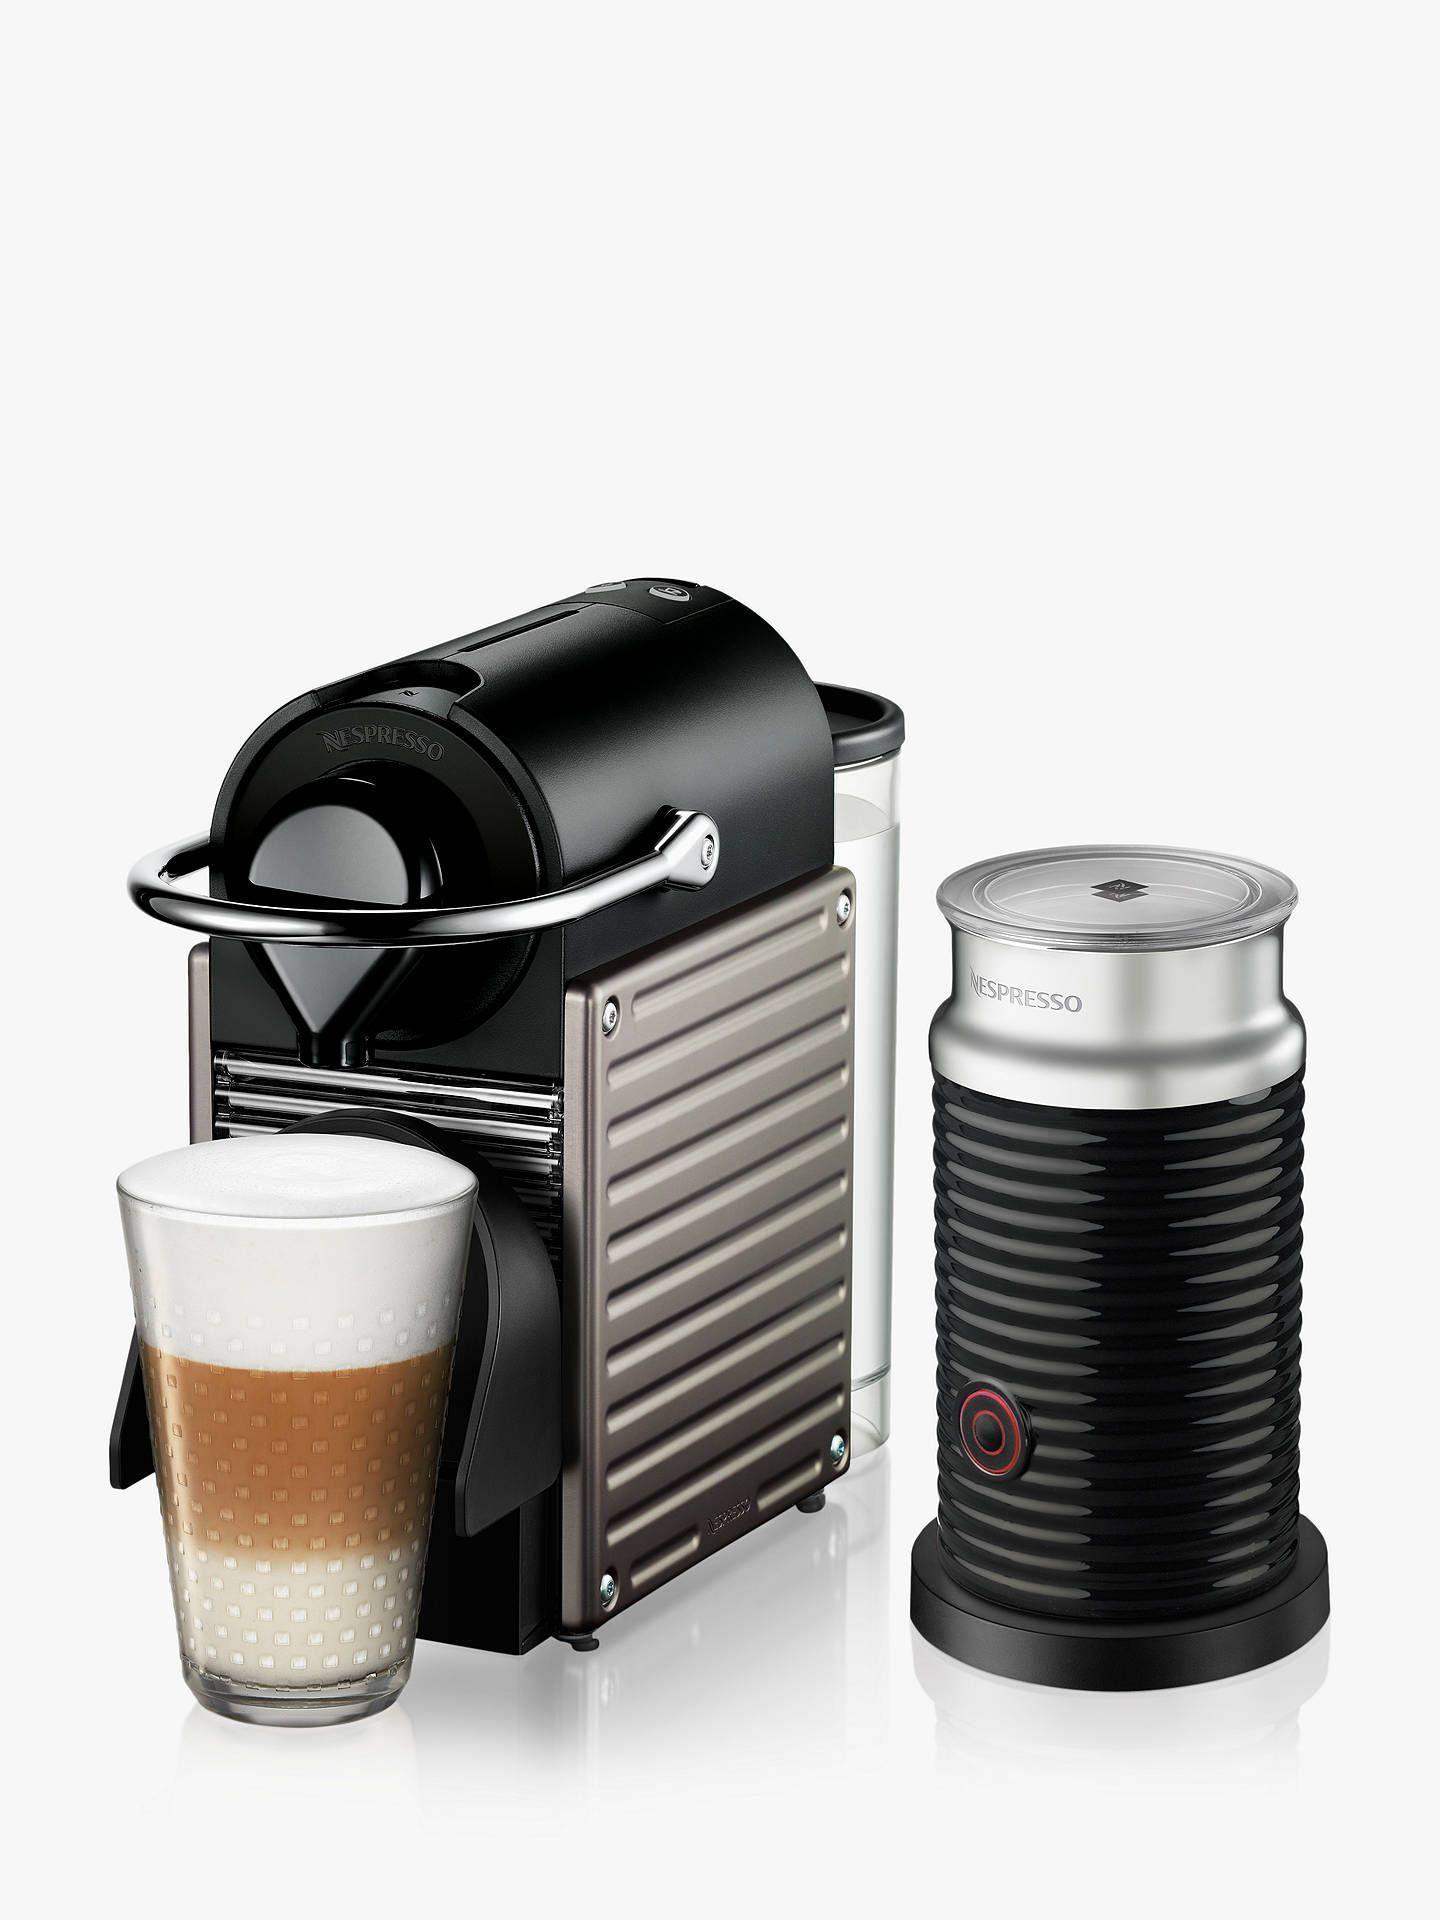 Nespresso Krups Pixie Xn305t40 Coffee Machine Aeroccino3 Milk